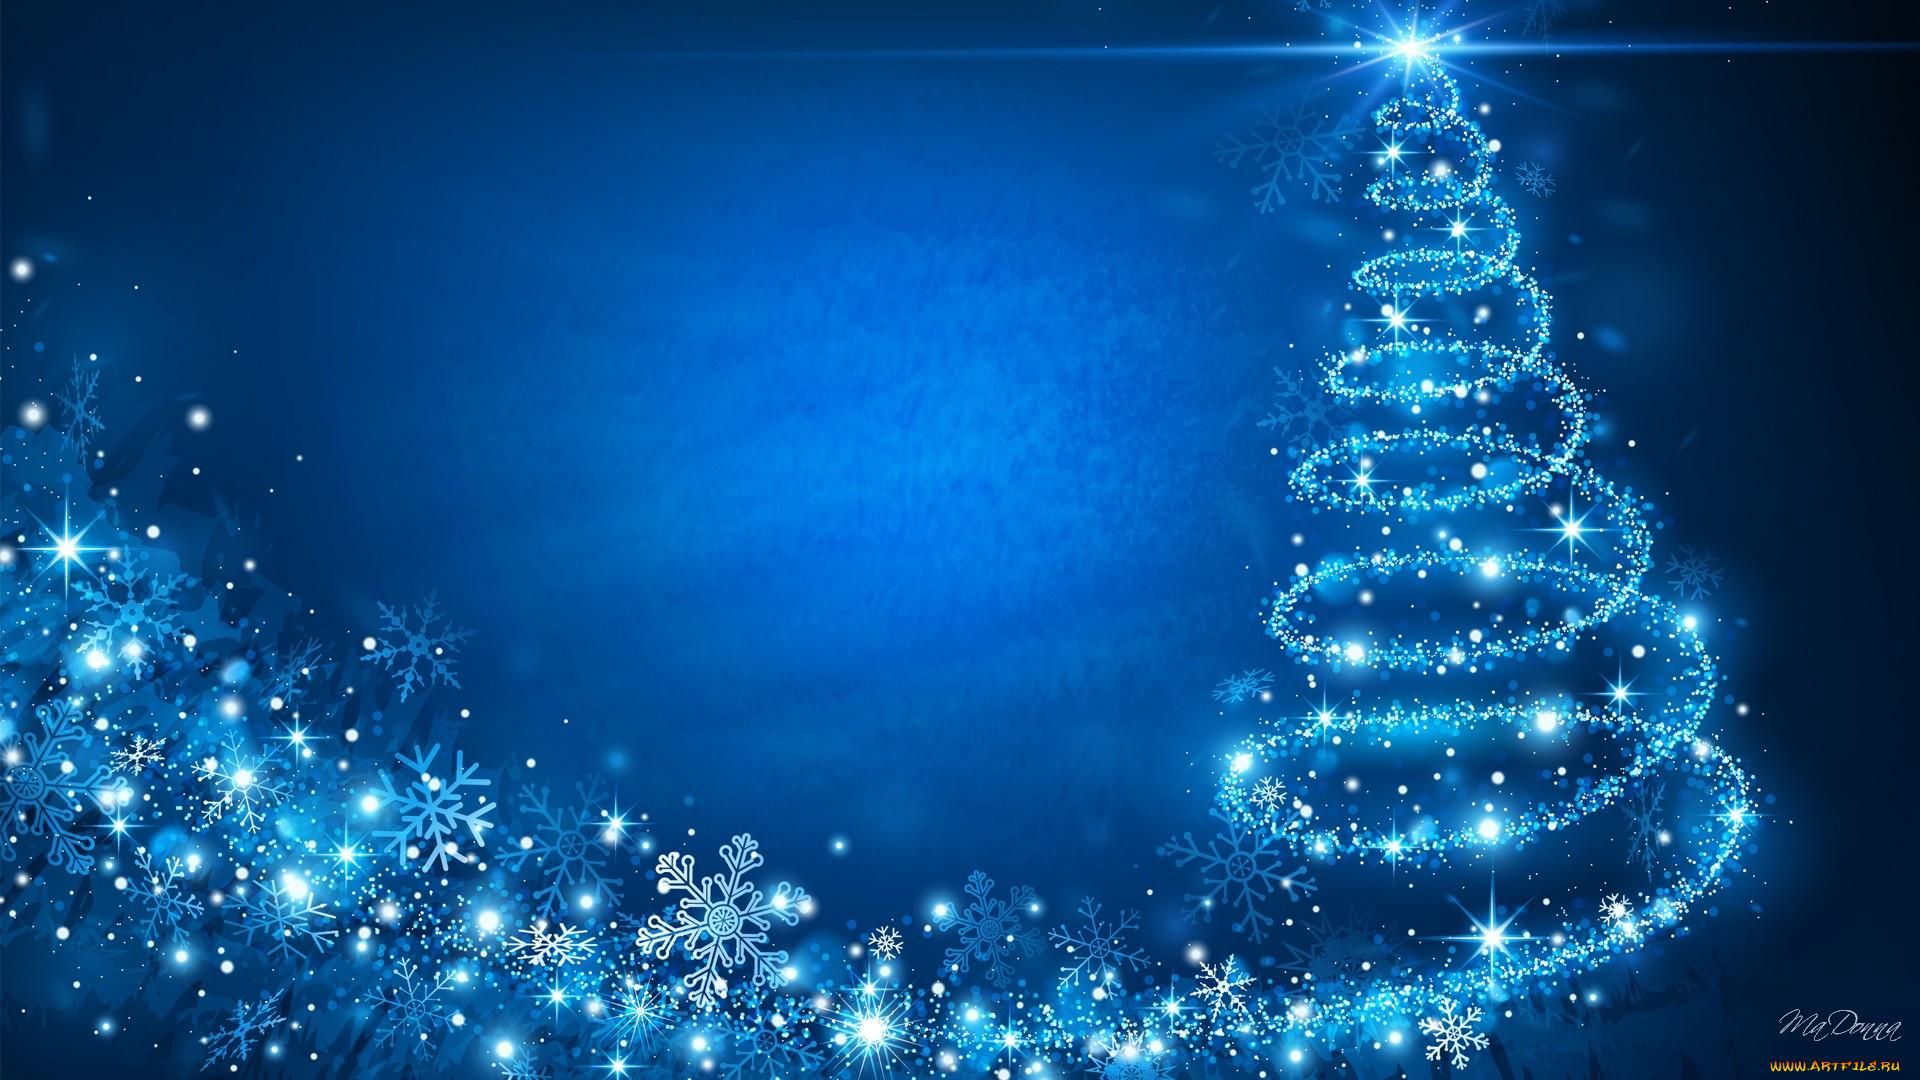 рецепты копчению открытки с новым годом на синем фоне китайских